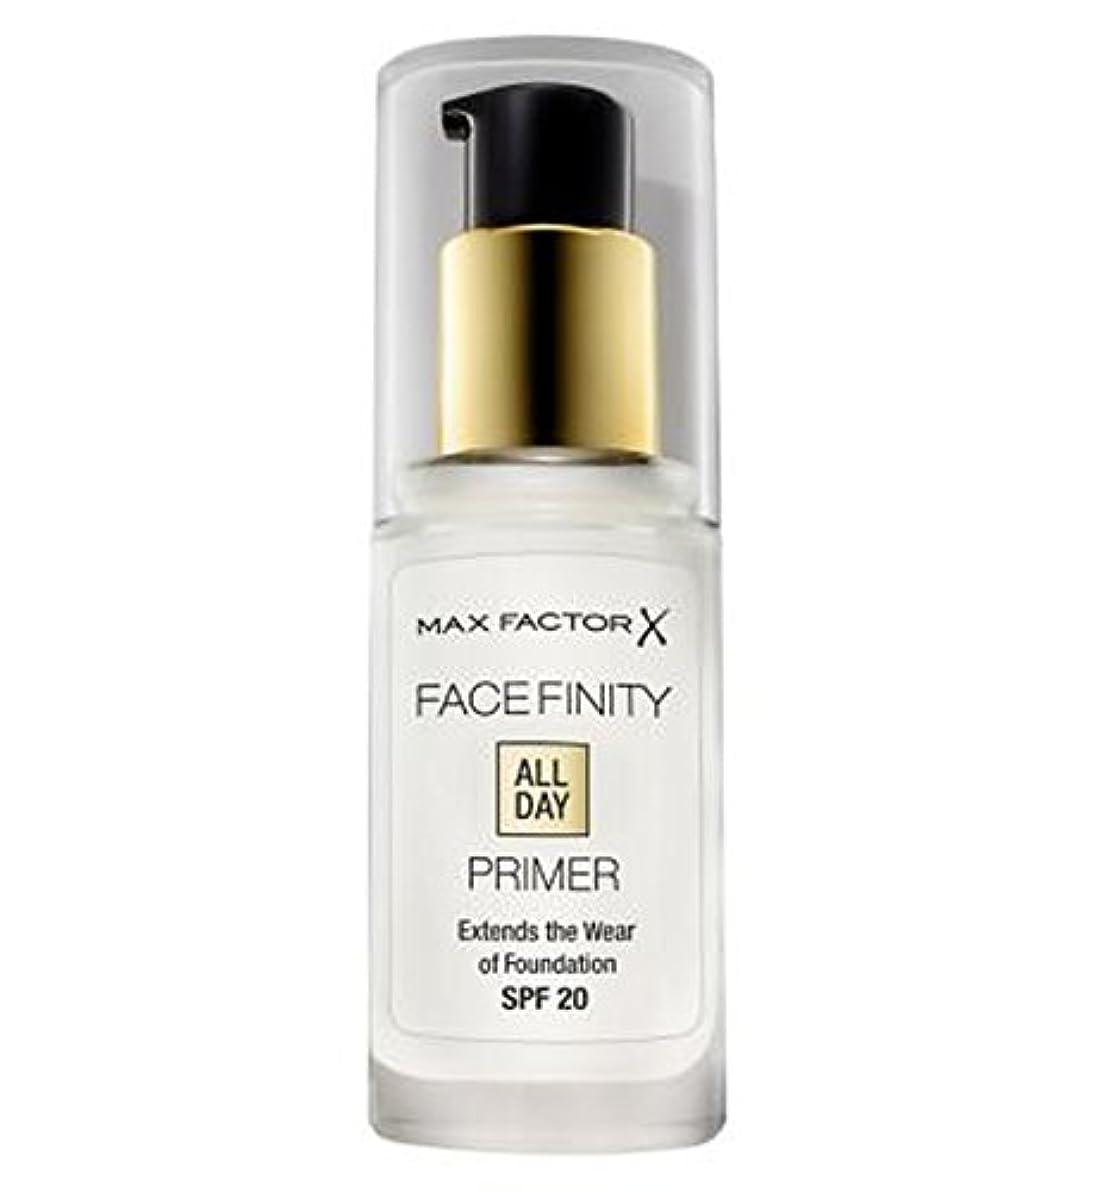 講師だらしない憤るMax Factor Facefinity All Day Primer - マックスファクターのFacefinity終日プライマー (Max Factor) [並行輸入品]